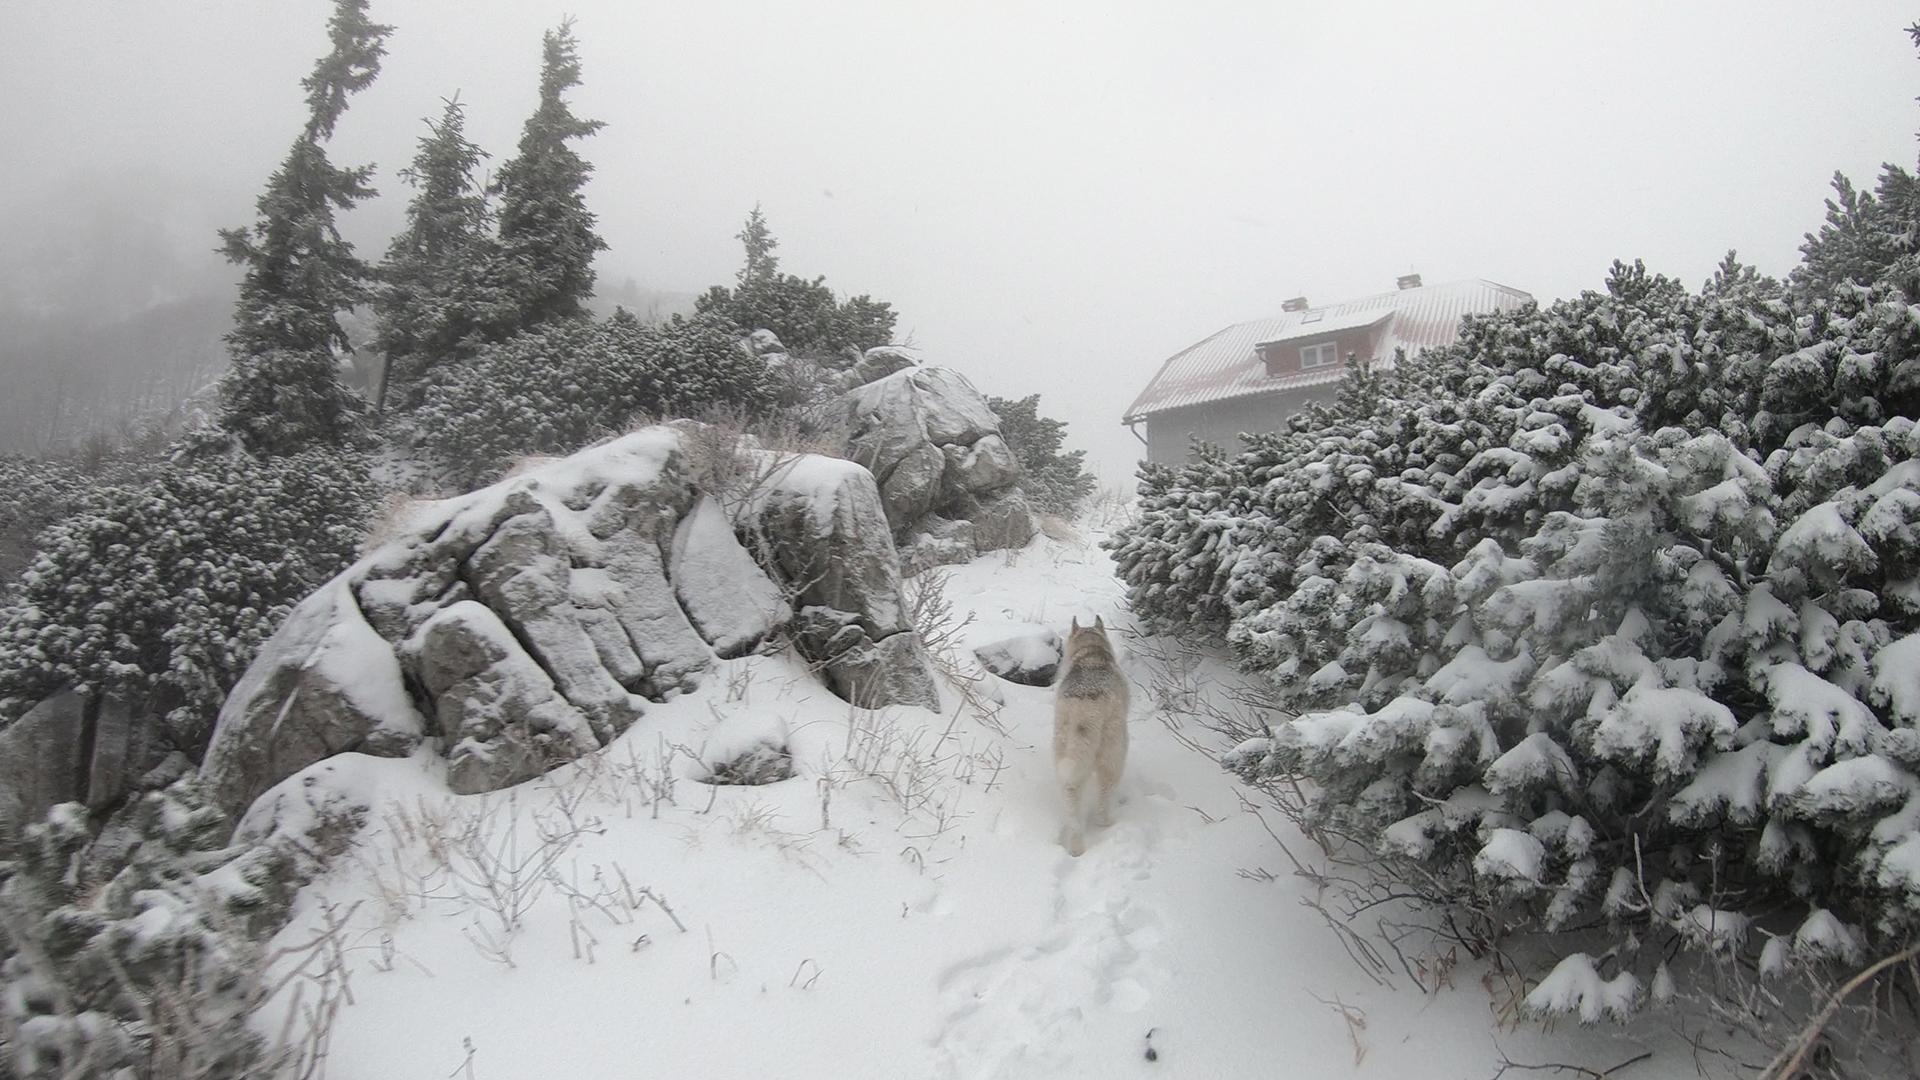 Risnjak Hut Croatia.jpg (1.25 MB)